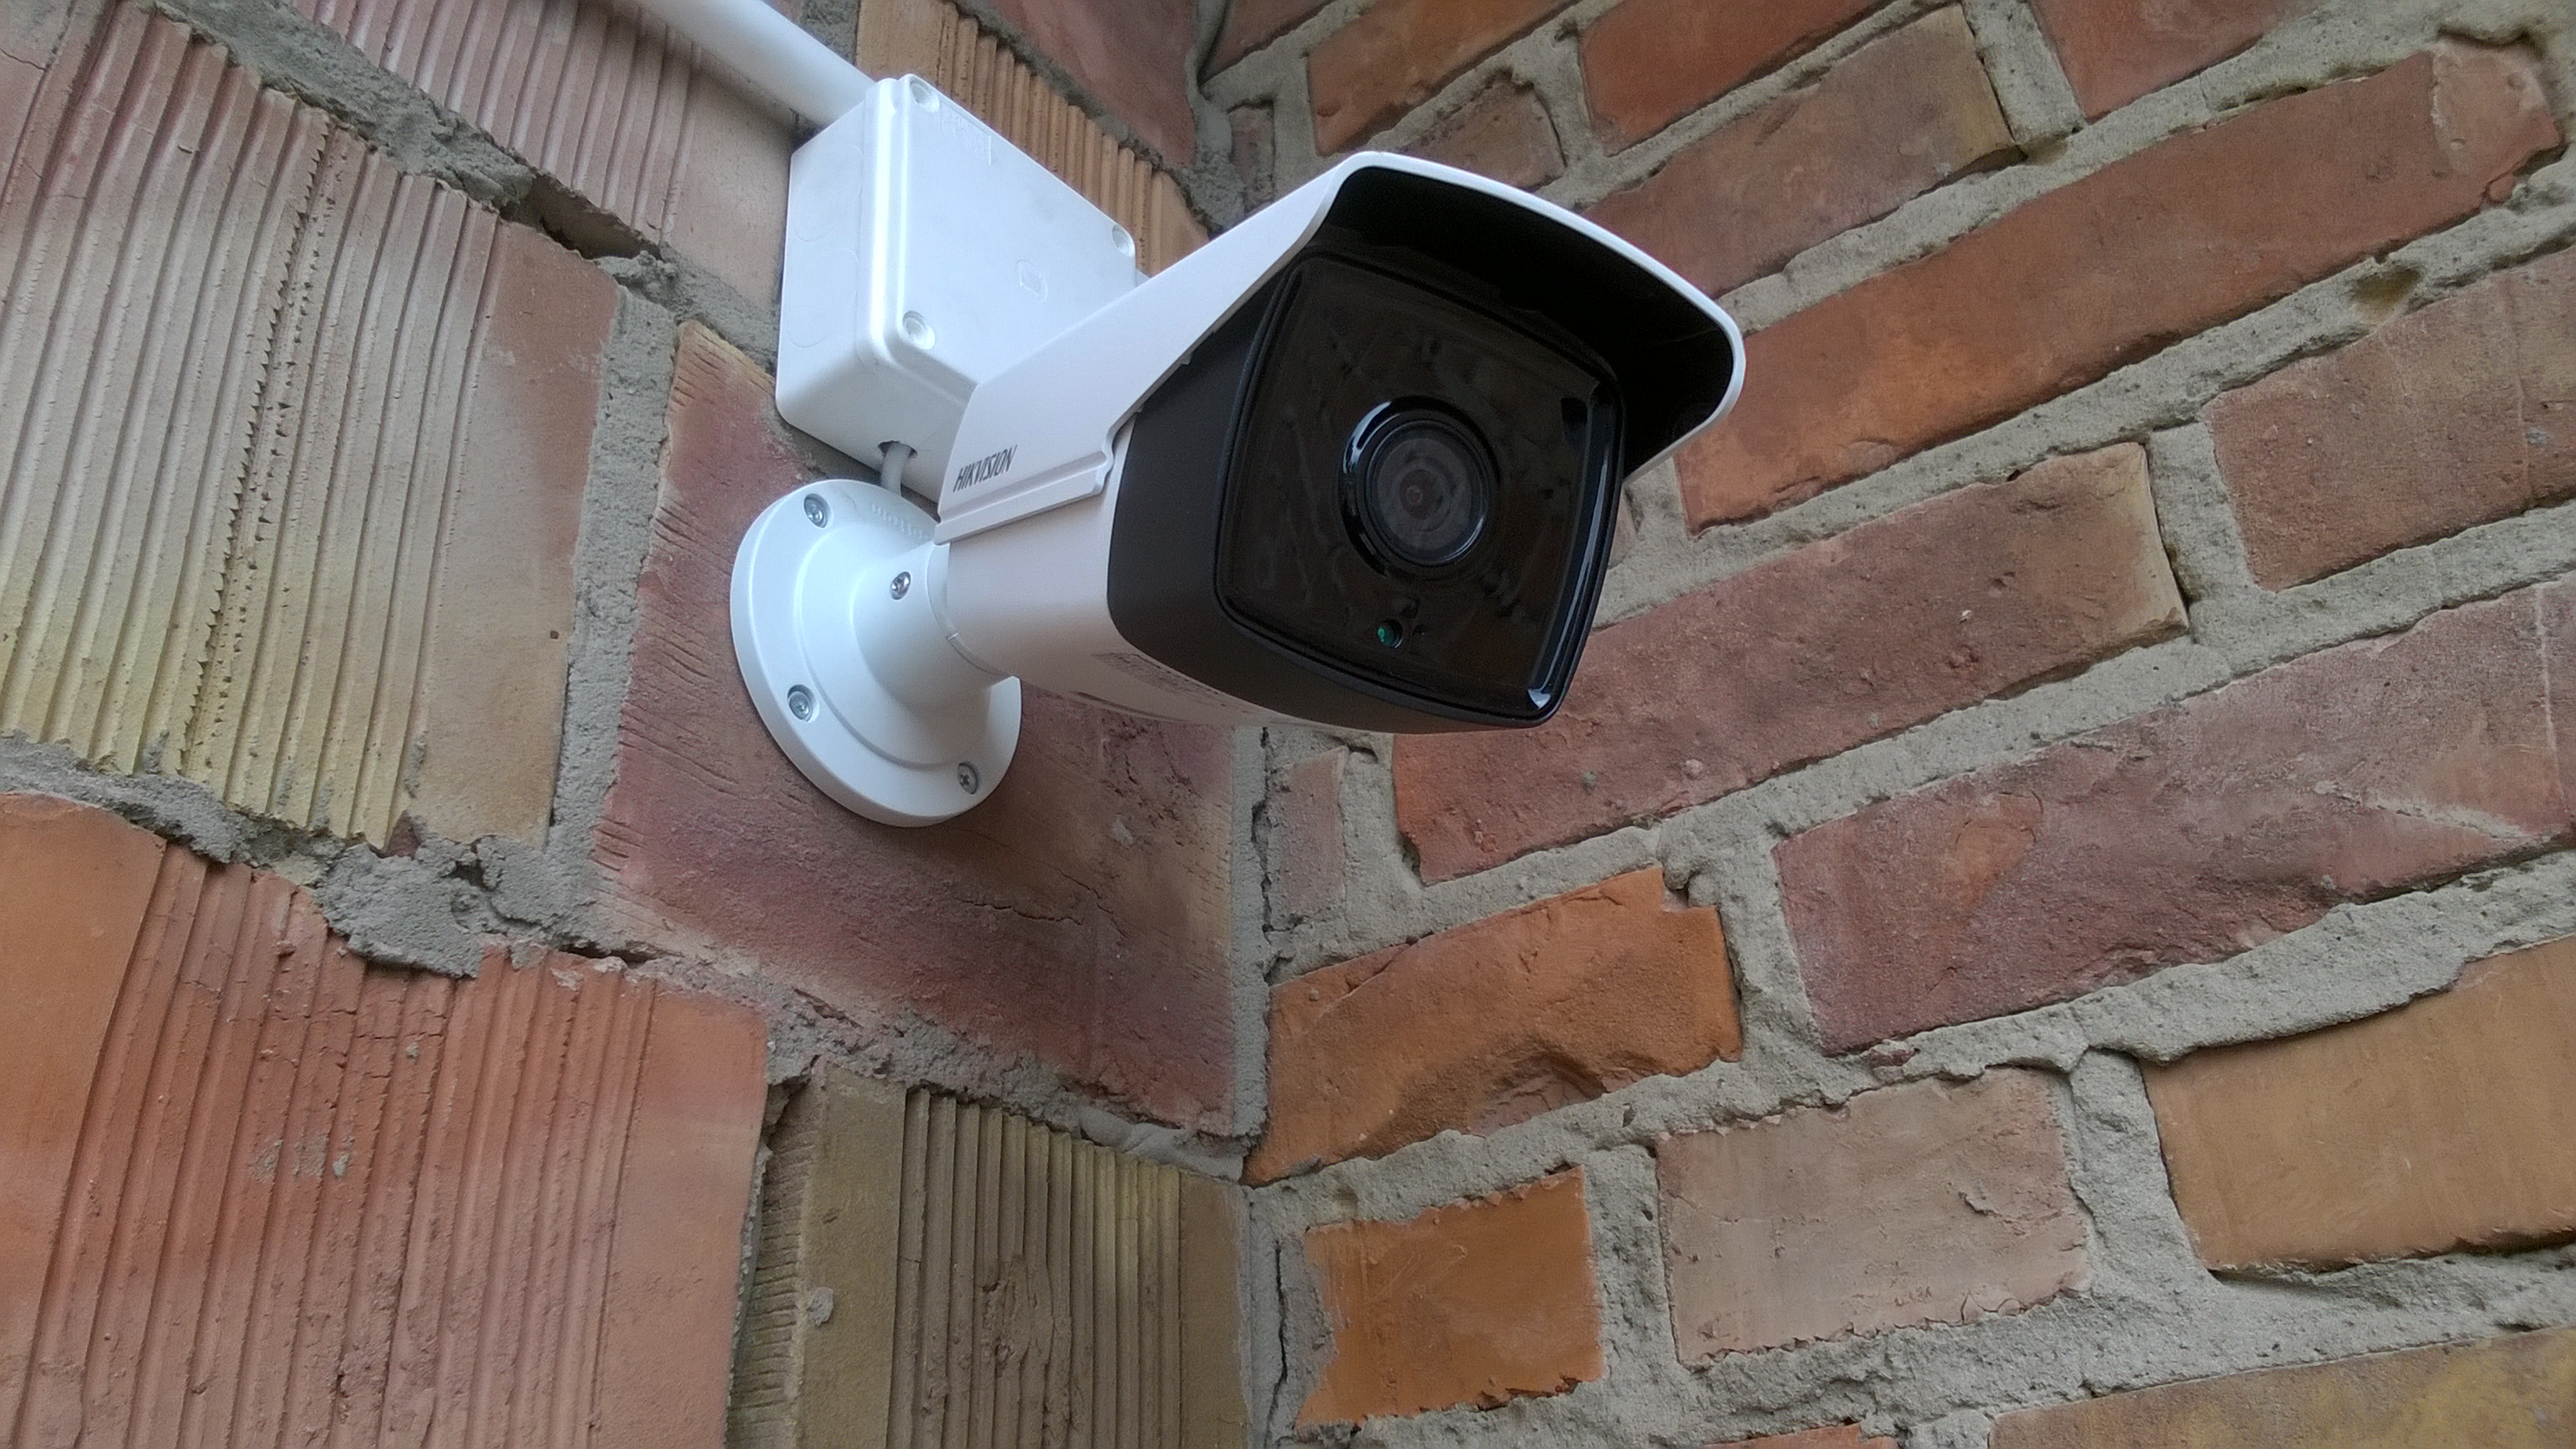 monitoring-bilgoraj-monitoring-zamosc-monitoring-krasnik-monitoring-janow-lubelski-monitoring-gospodarstwa-rolnego-monitoring-chelm-monitoring-lezajsk-4-infomech-monitoring-wizyjny-systemy-zabezpiec